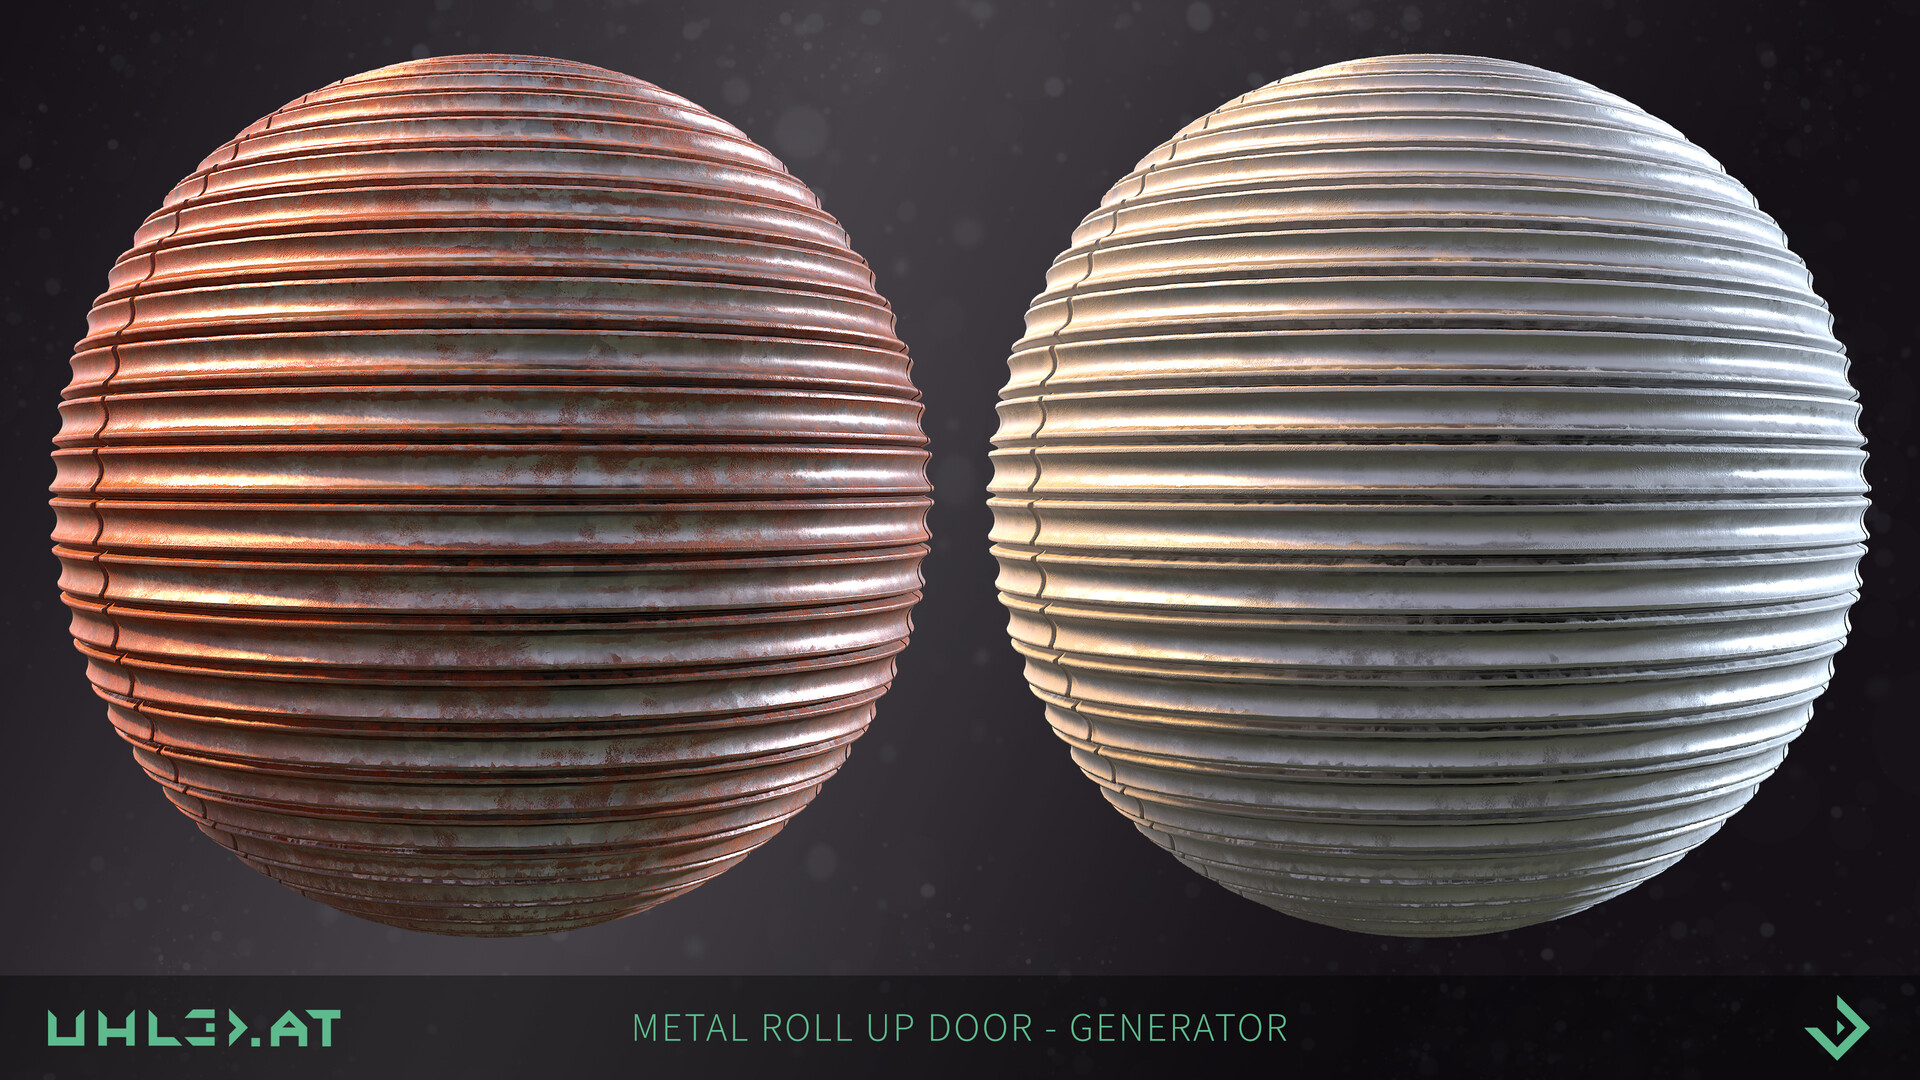 Dominik uhl metal rollup generator 09